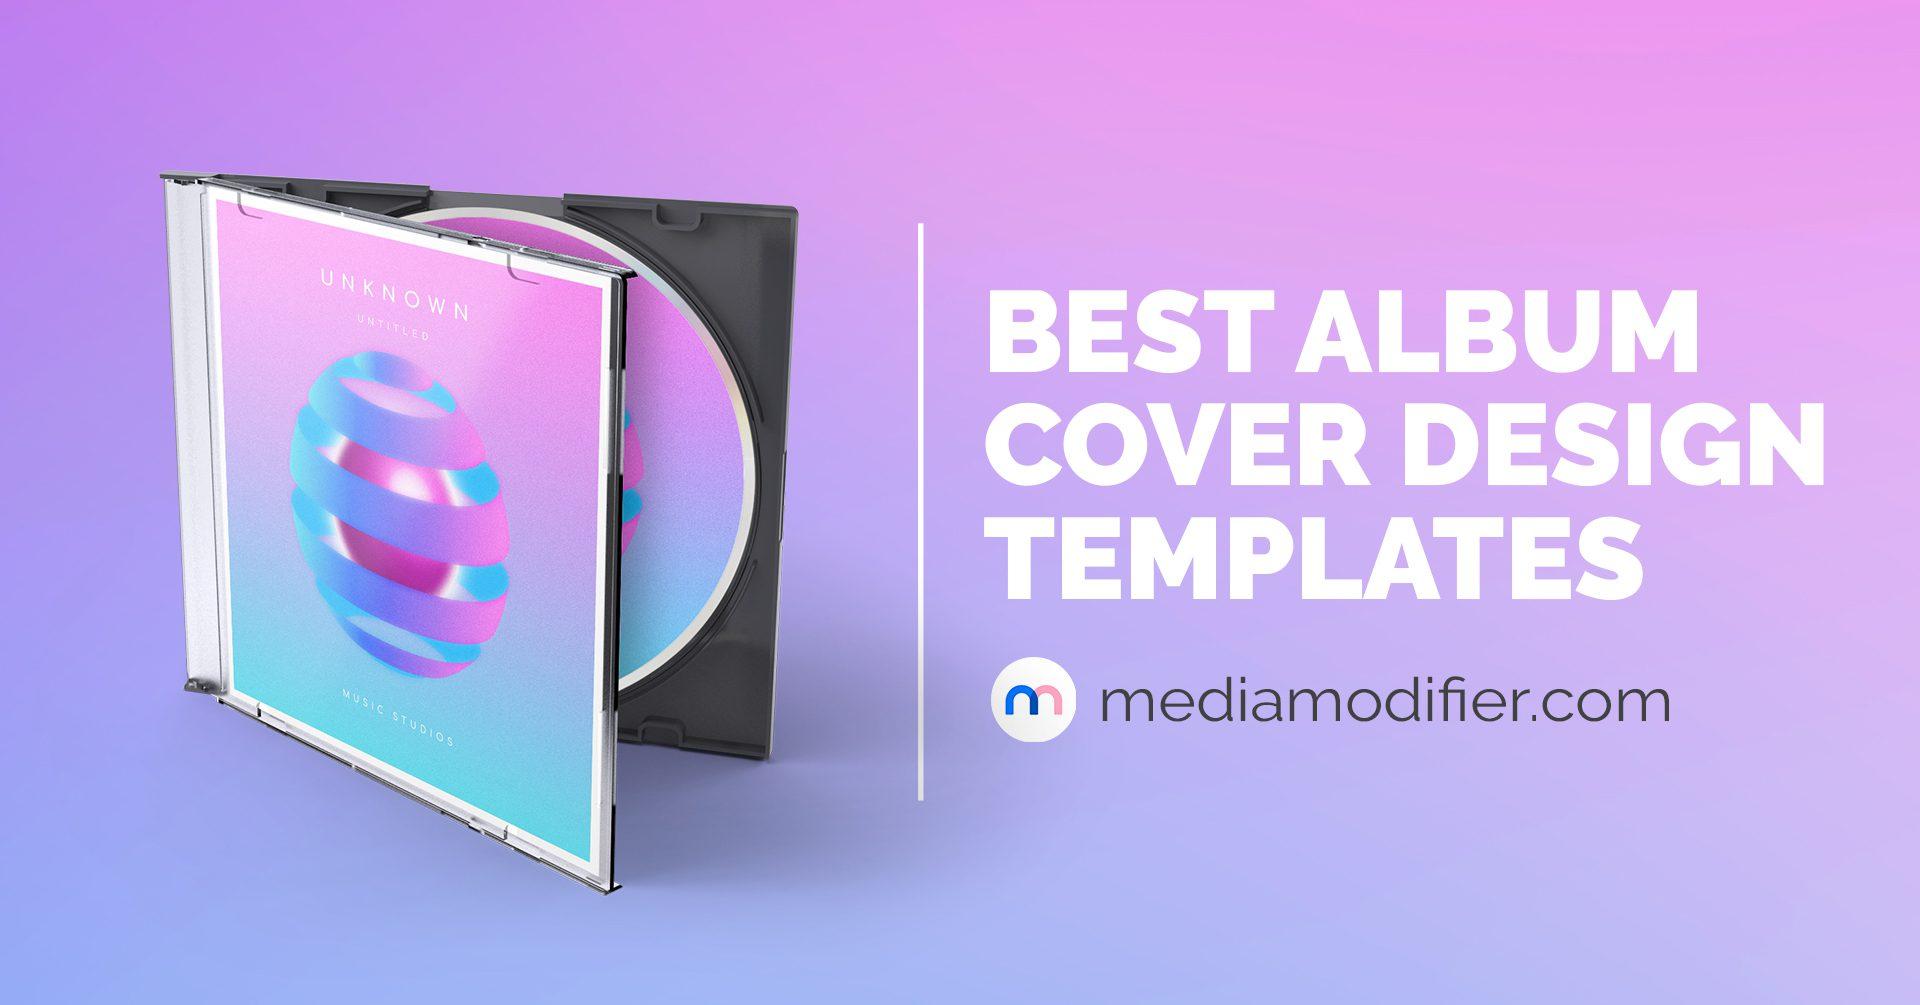 best-album-cover-design-templates-online